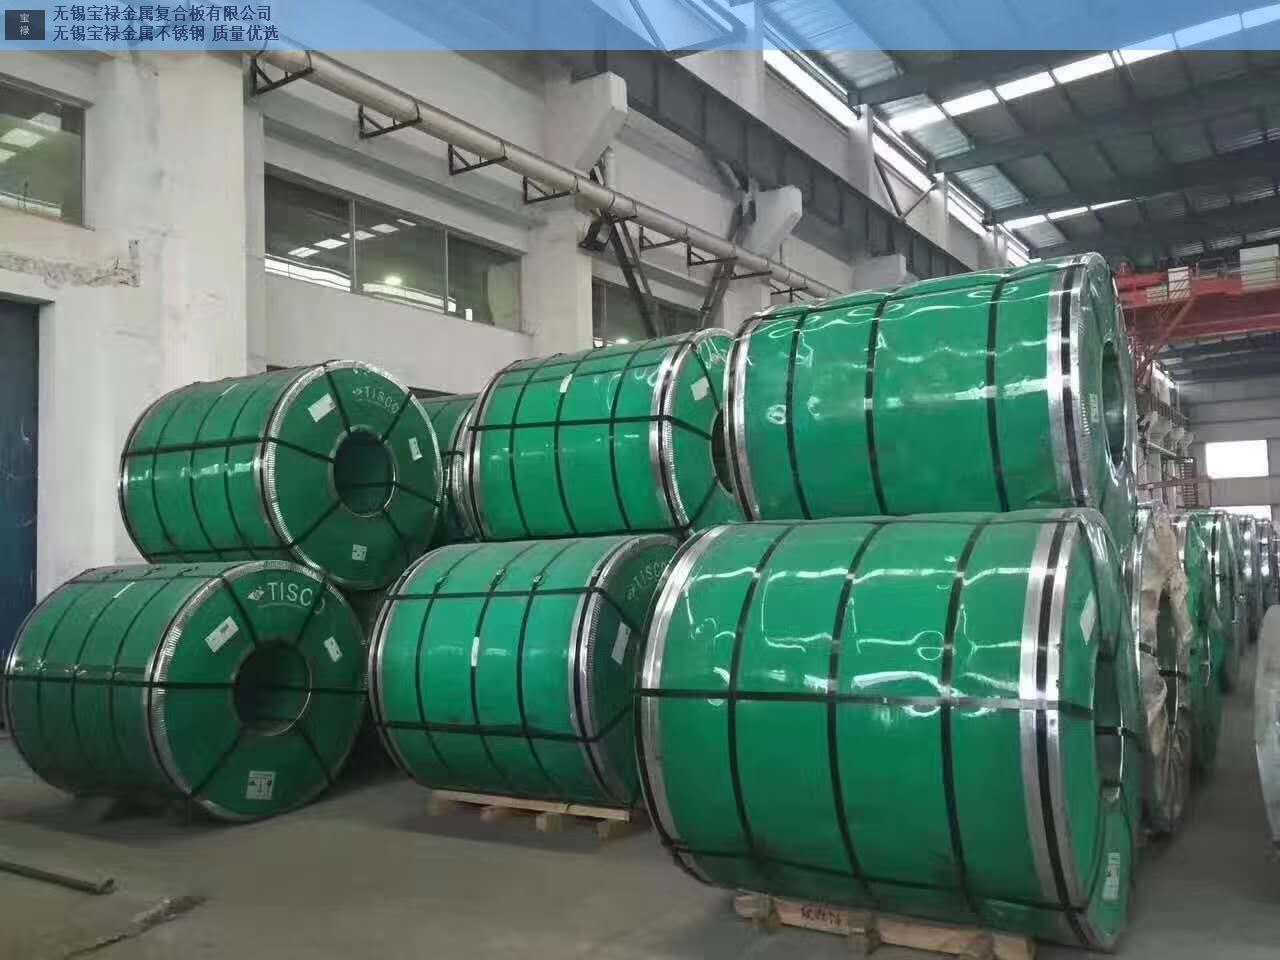 陕西202不锈钢厂家直供,不锈钢